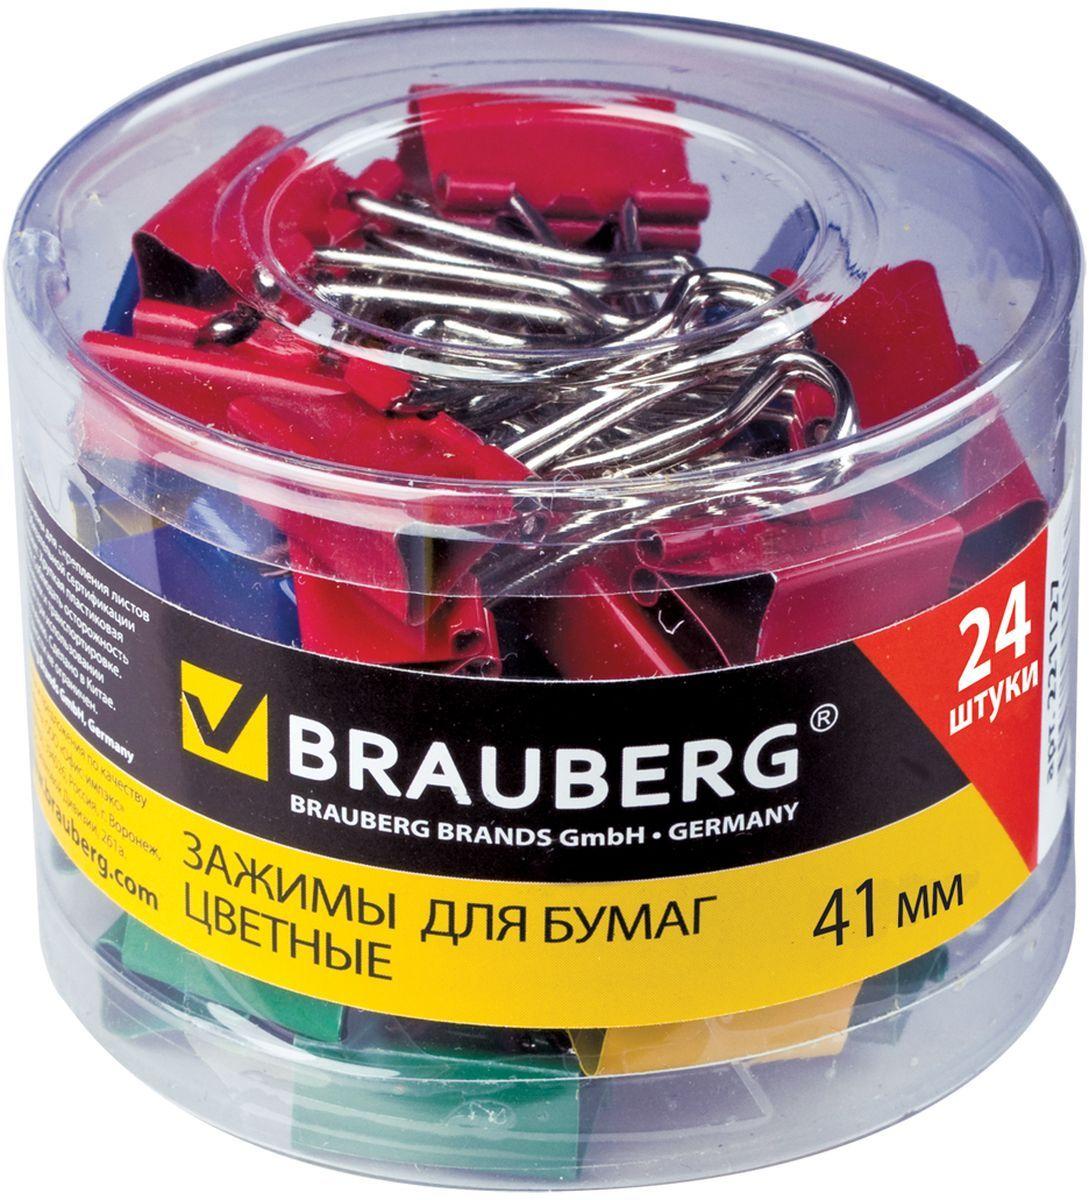 Brauberg Зажим для бумаг 41 мм 24 штFS-00102Зажимы для бумаг Brauberg предназначены для скрепления документов без использования степлера. Скрепляют до 200 листов. В коробке представлены зажимы красного, желтого, зеленого, синего и белого цветов.